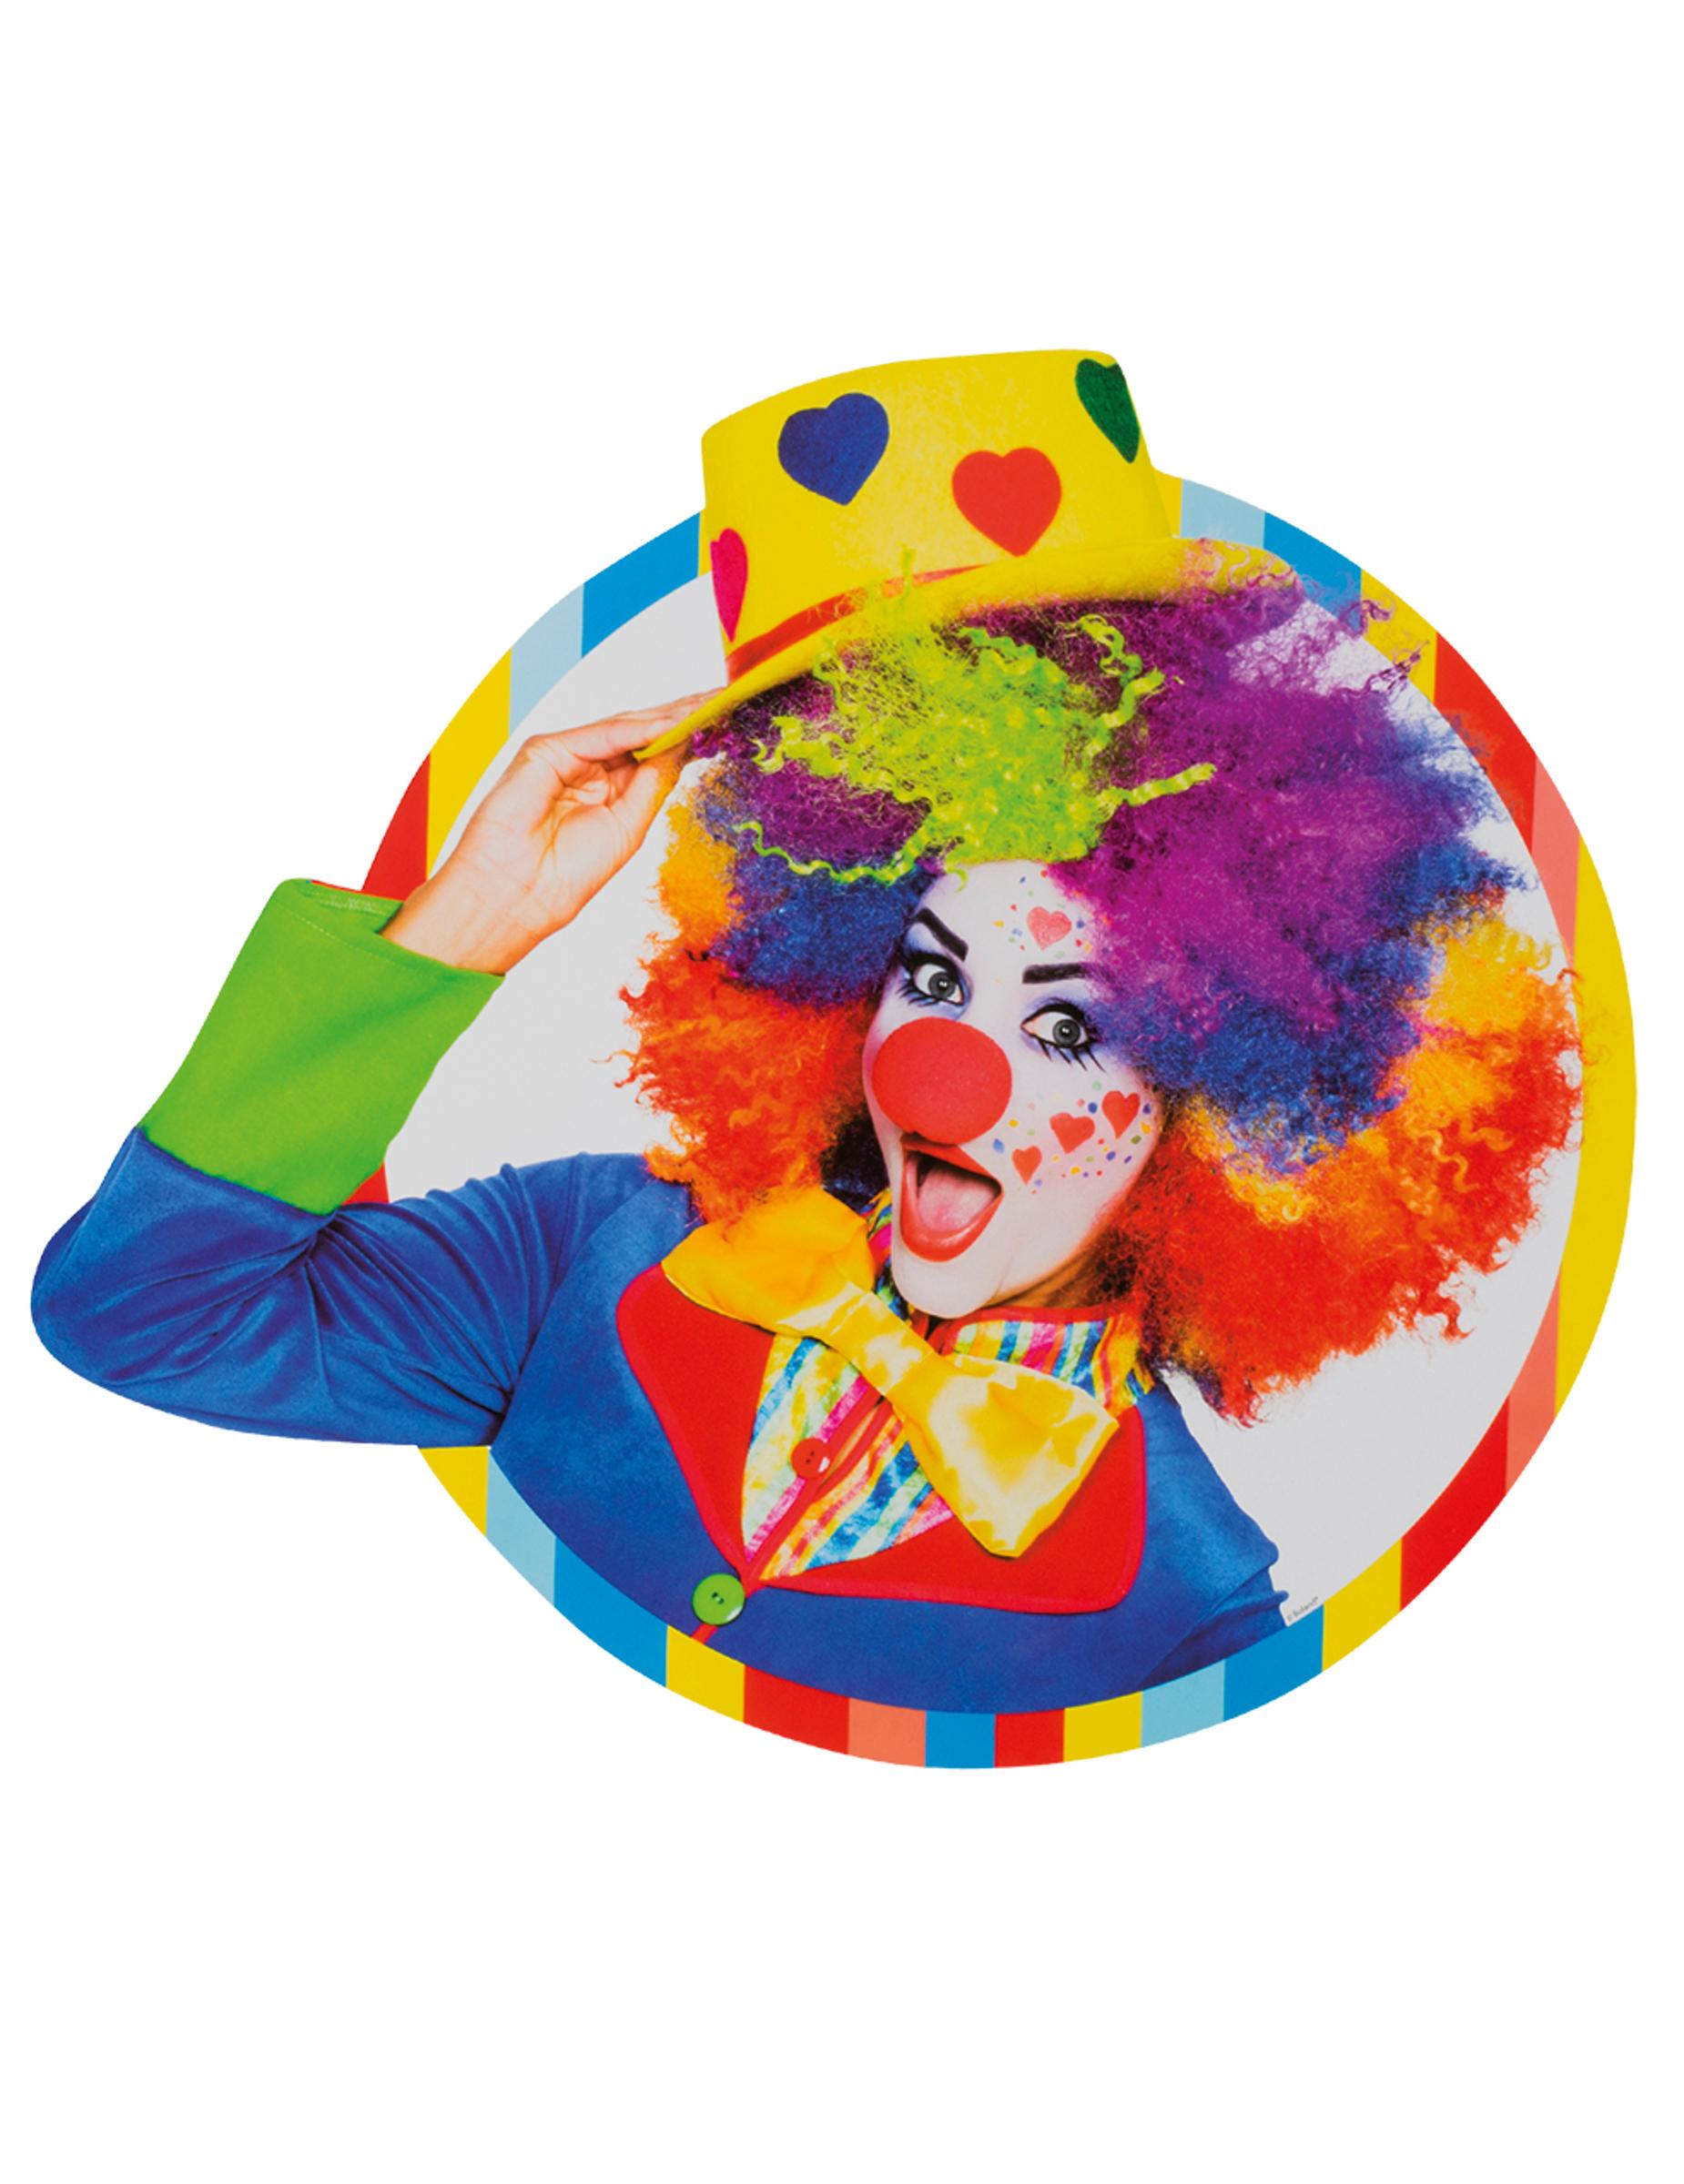 Circus clown decoratie decoratie en goedkope for Goedkope decoratie